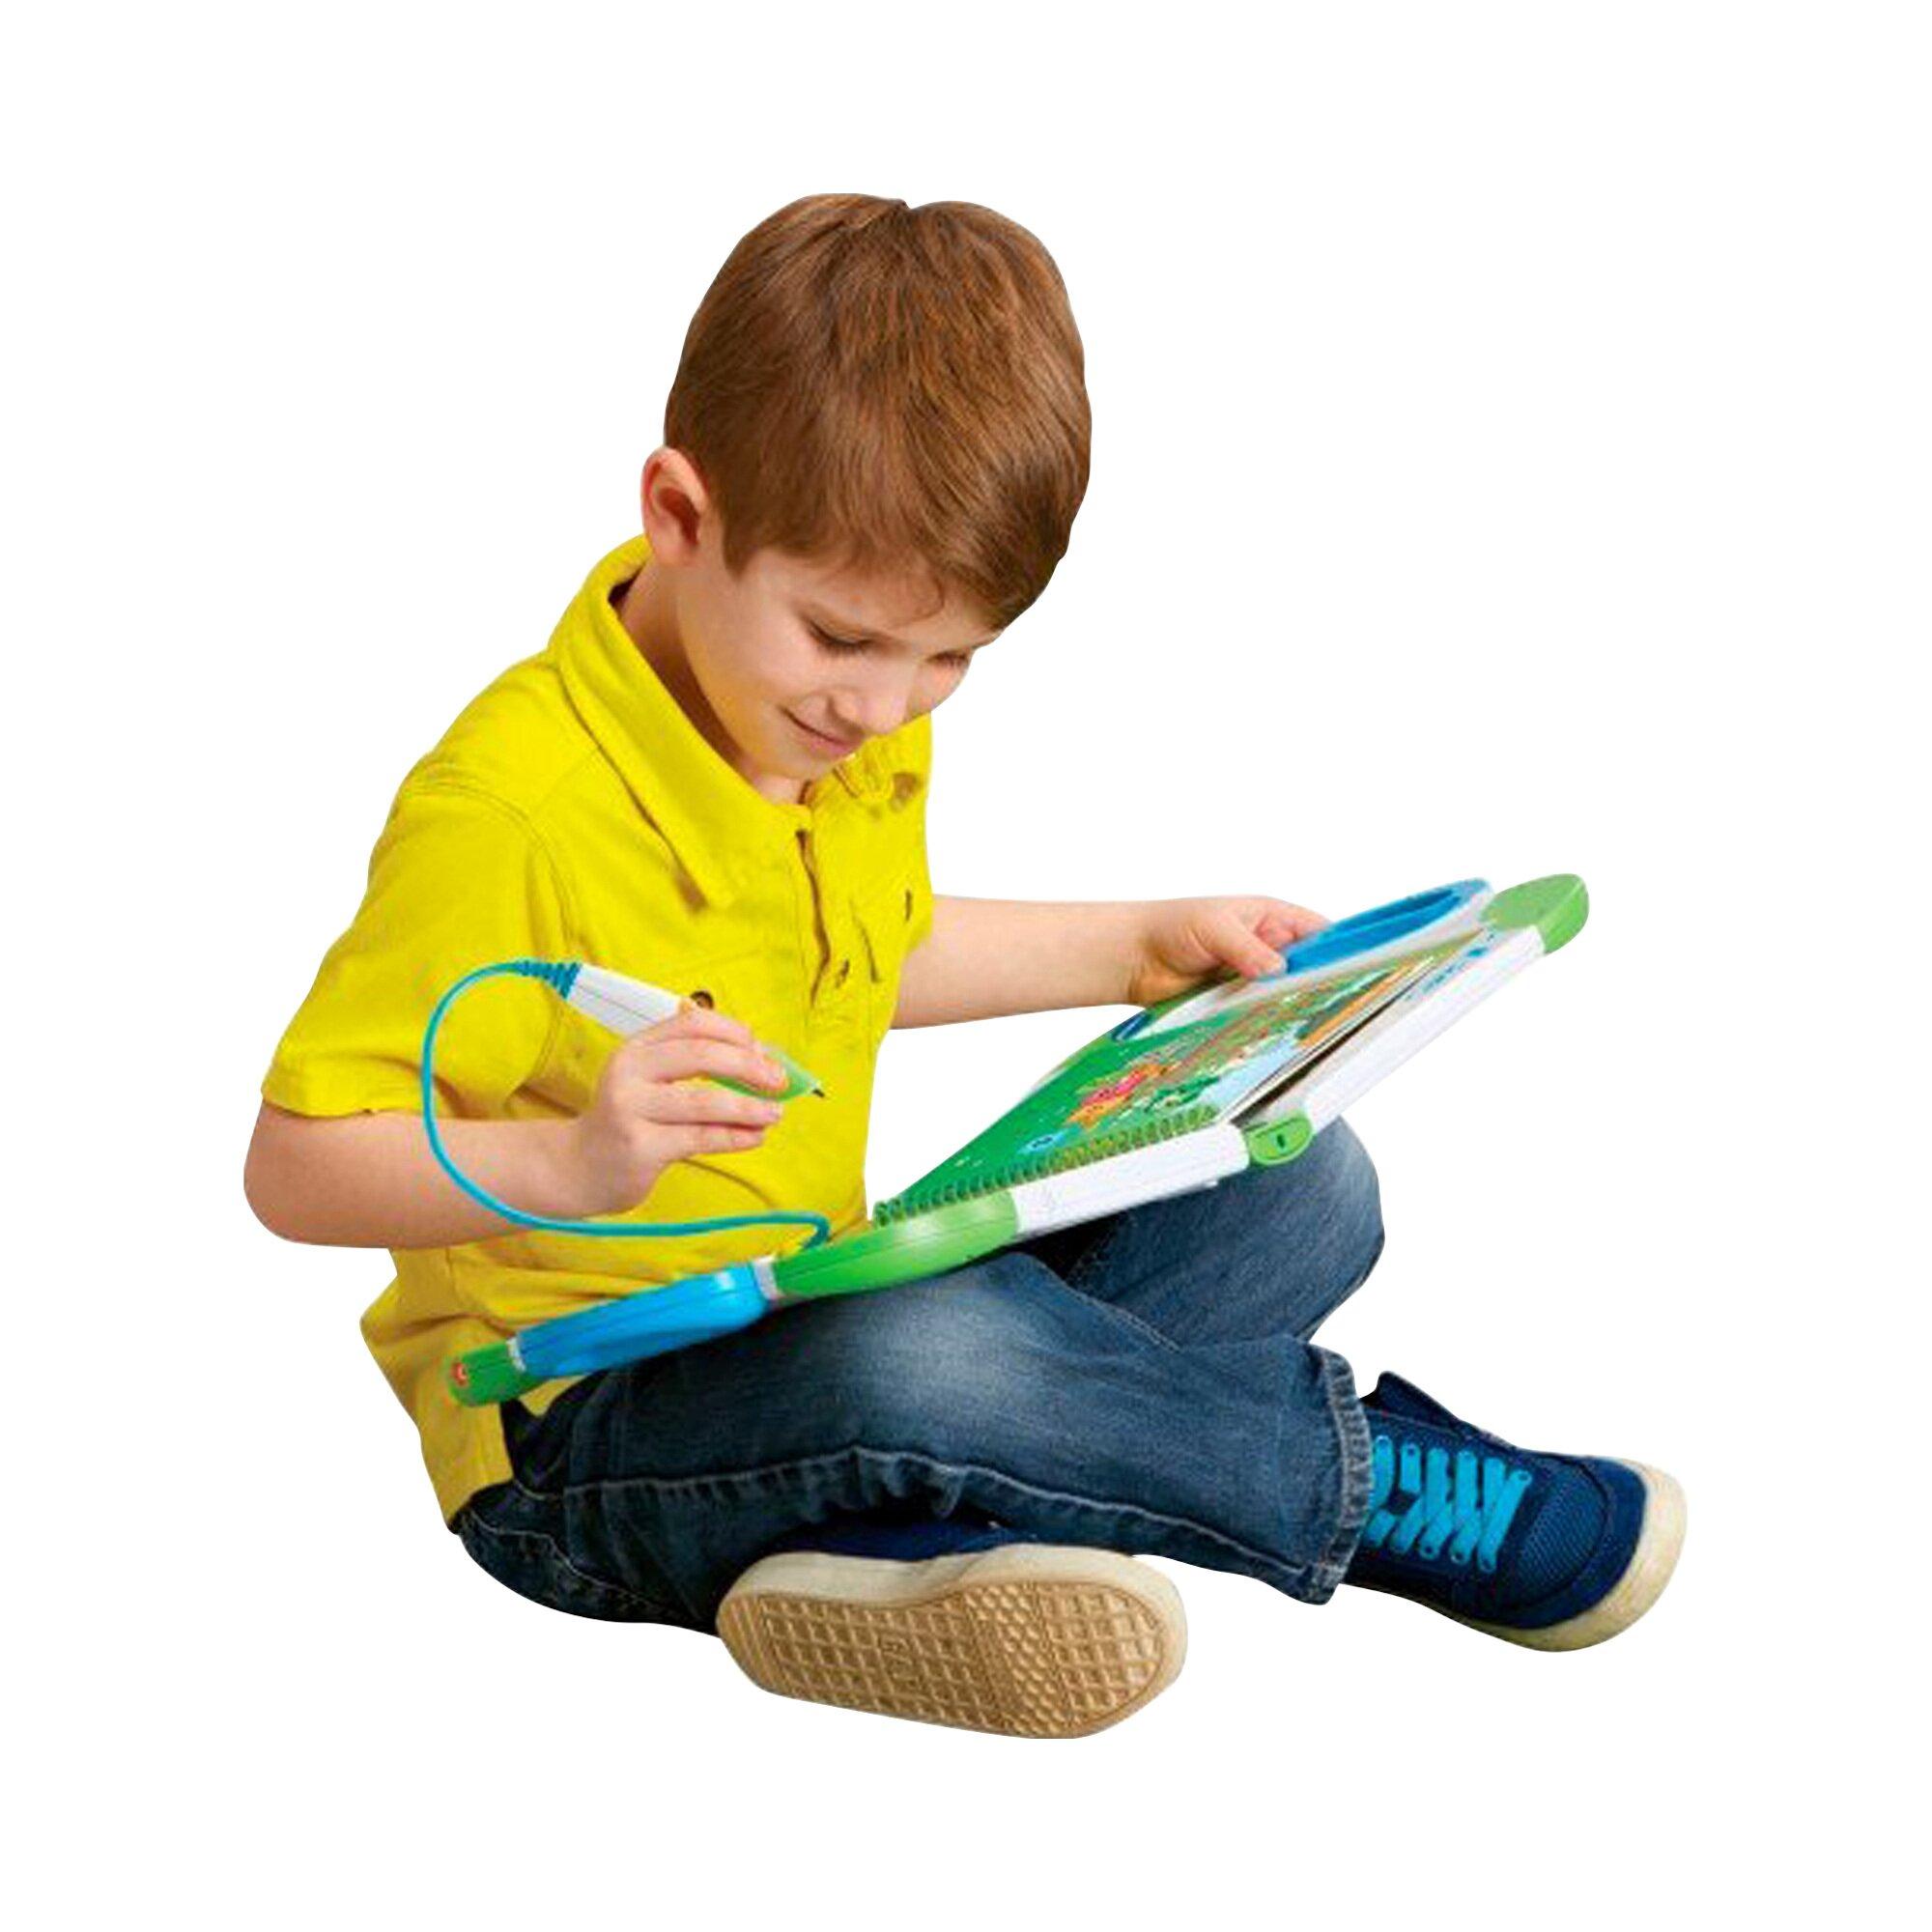 magibook-lernspielbuch-lernstufe-1-formen-und-farben